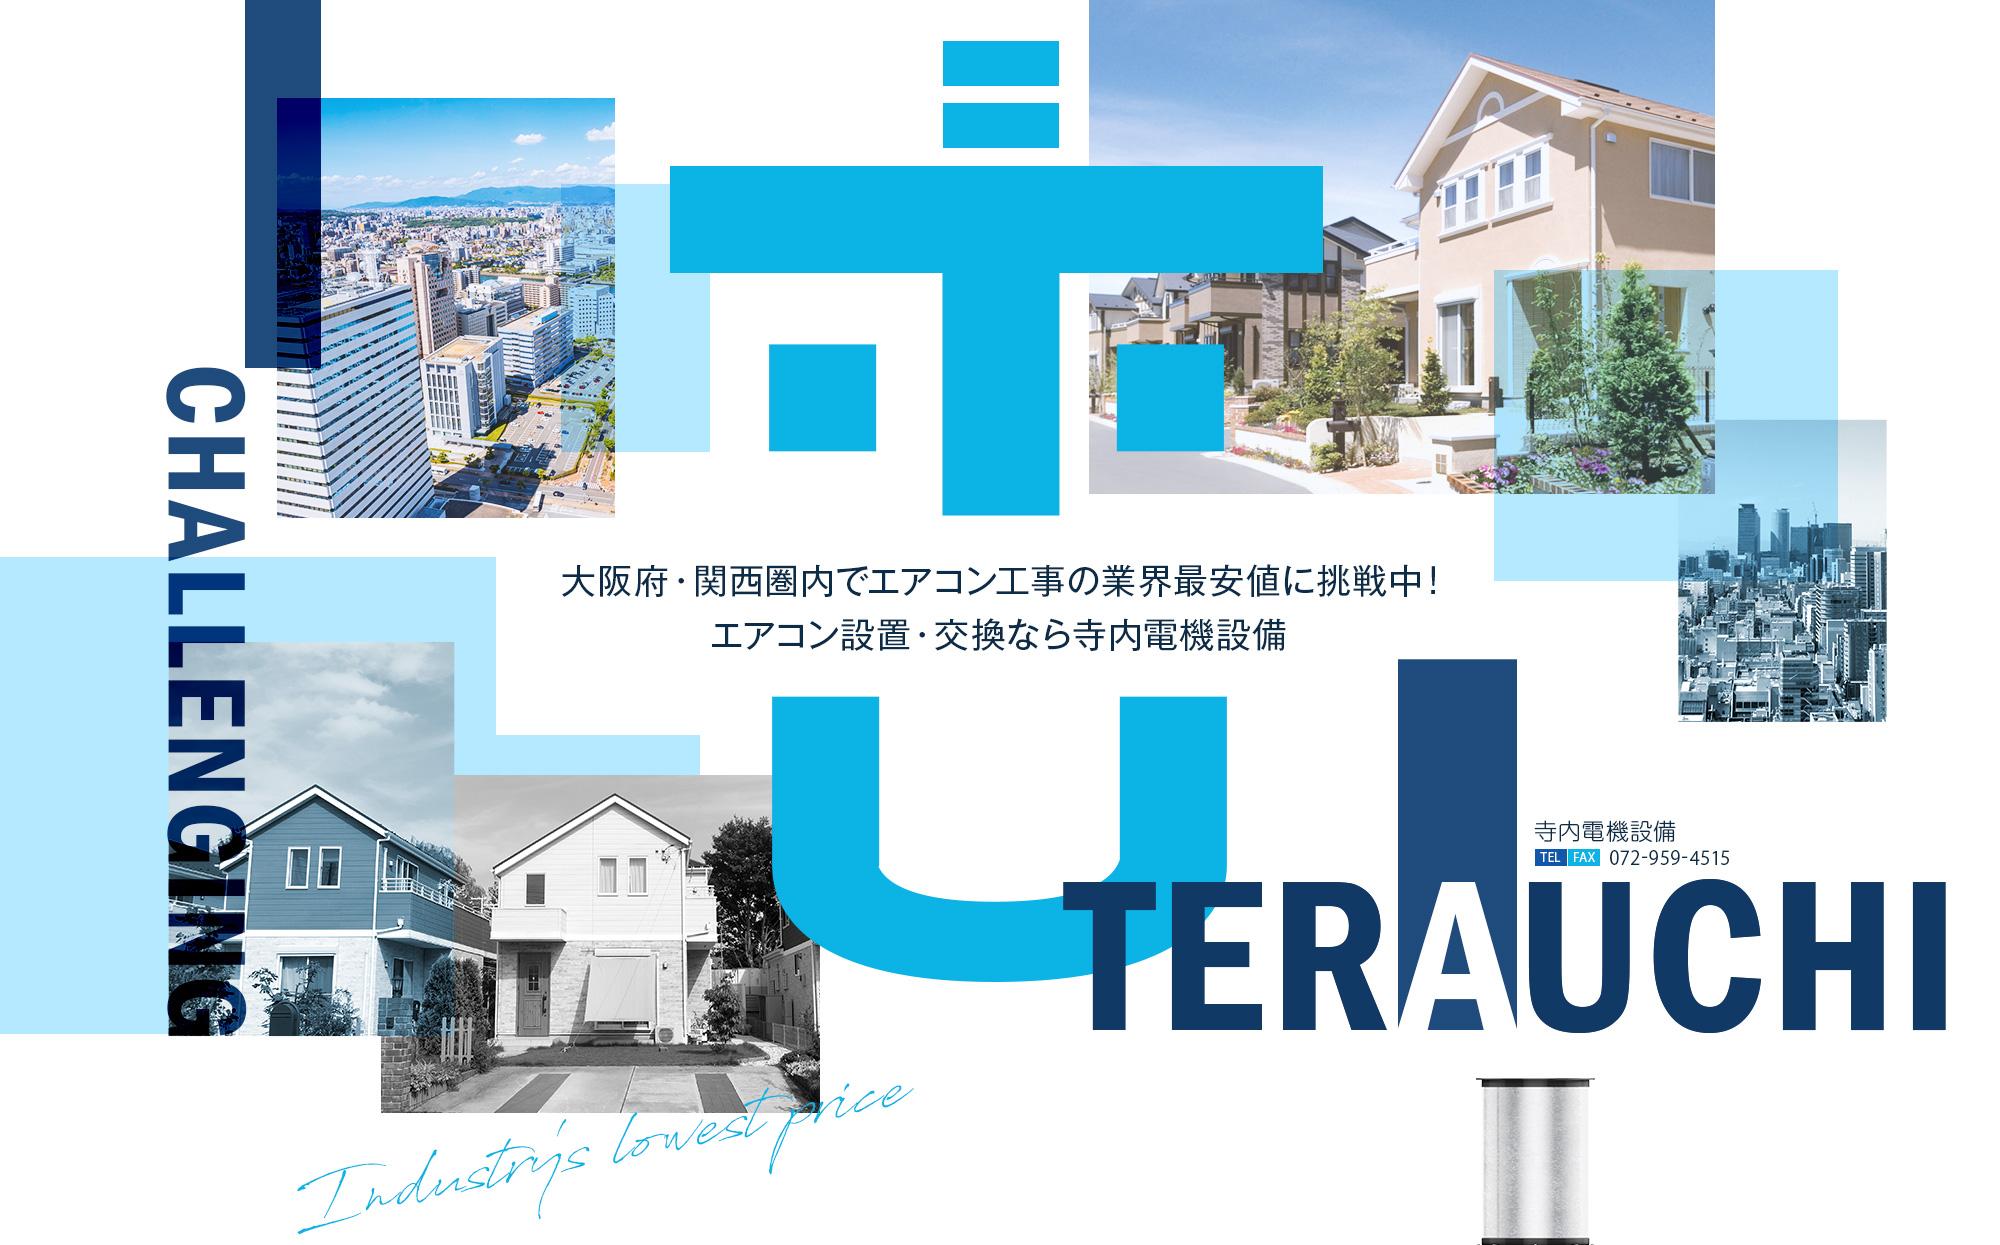 大阪府・関西圏内でエアコン工事の業界最安値に挑戦中!!! エアコン設置・交換なら寺内電機設備